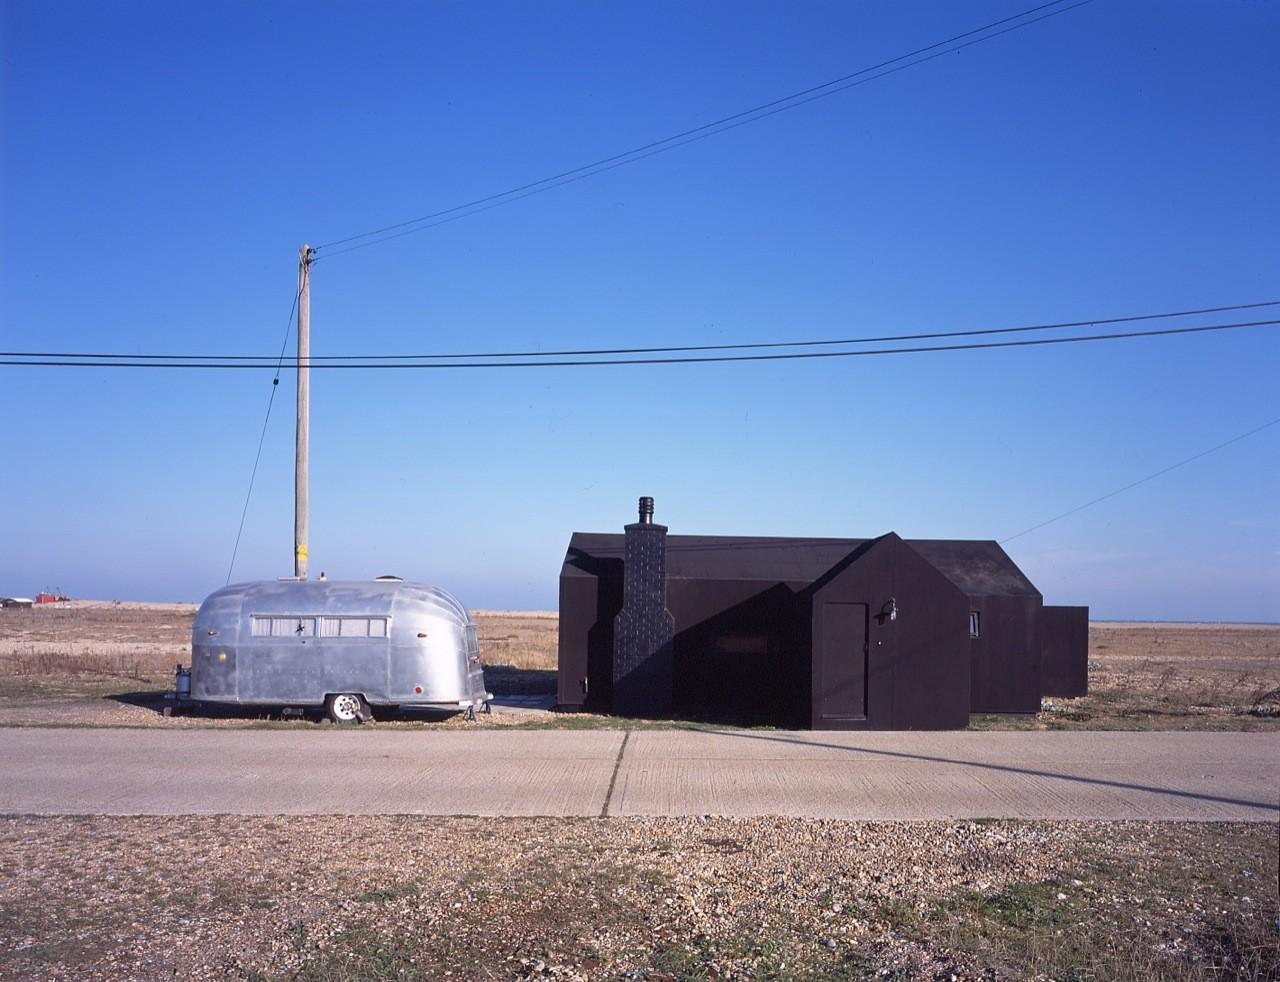 Black Rubber House / Simon Conder Associates, Courtesy of Simon Conder Associates